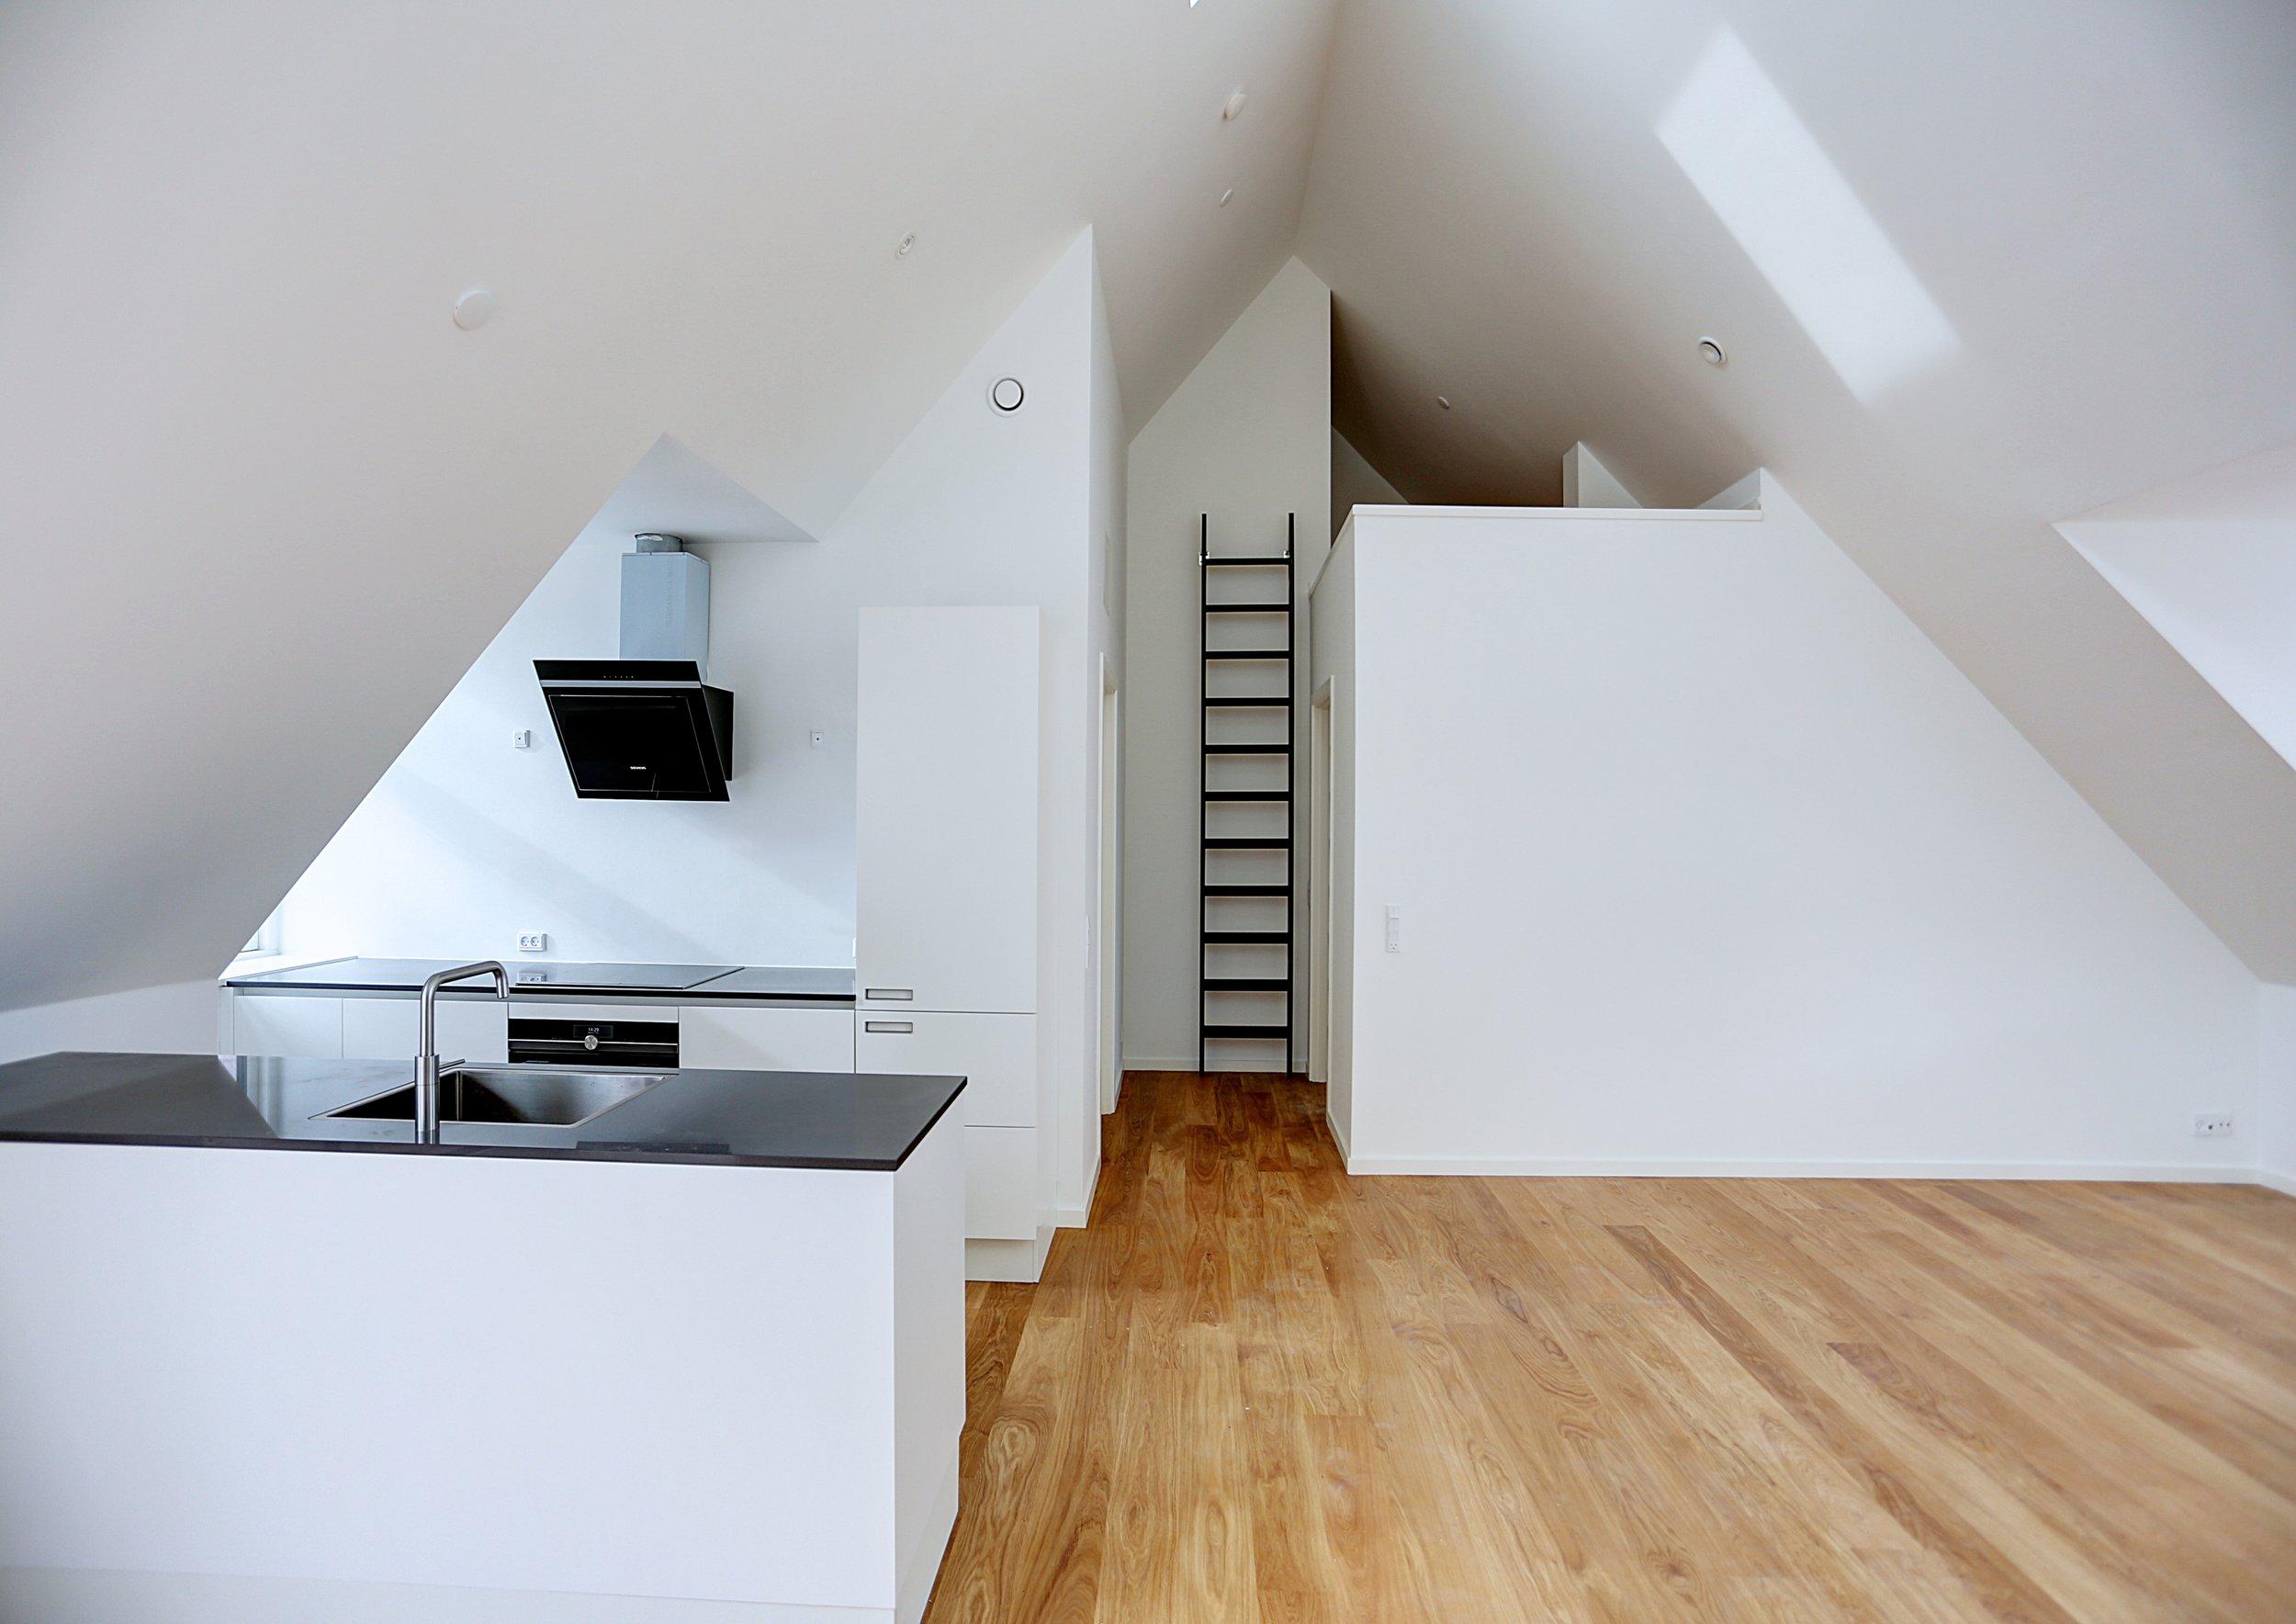 Køkkenet efter loftsrummet er blevet til en færdigrenoveret taglejlighed.